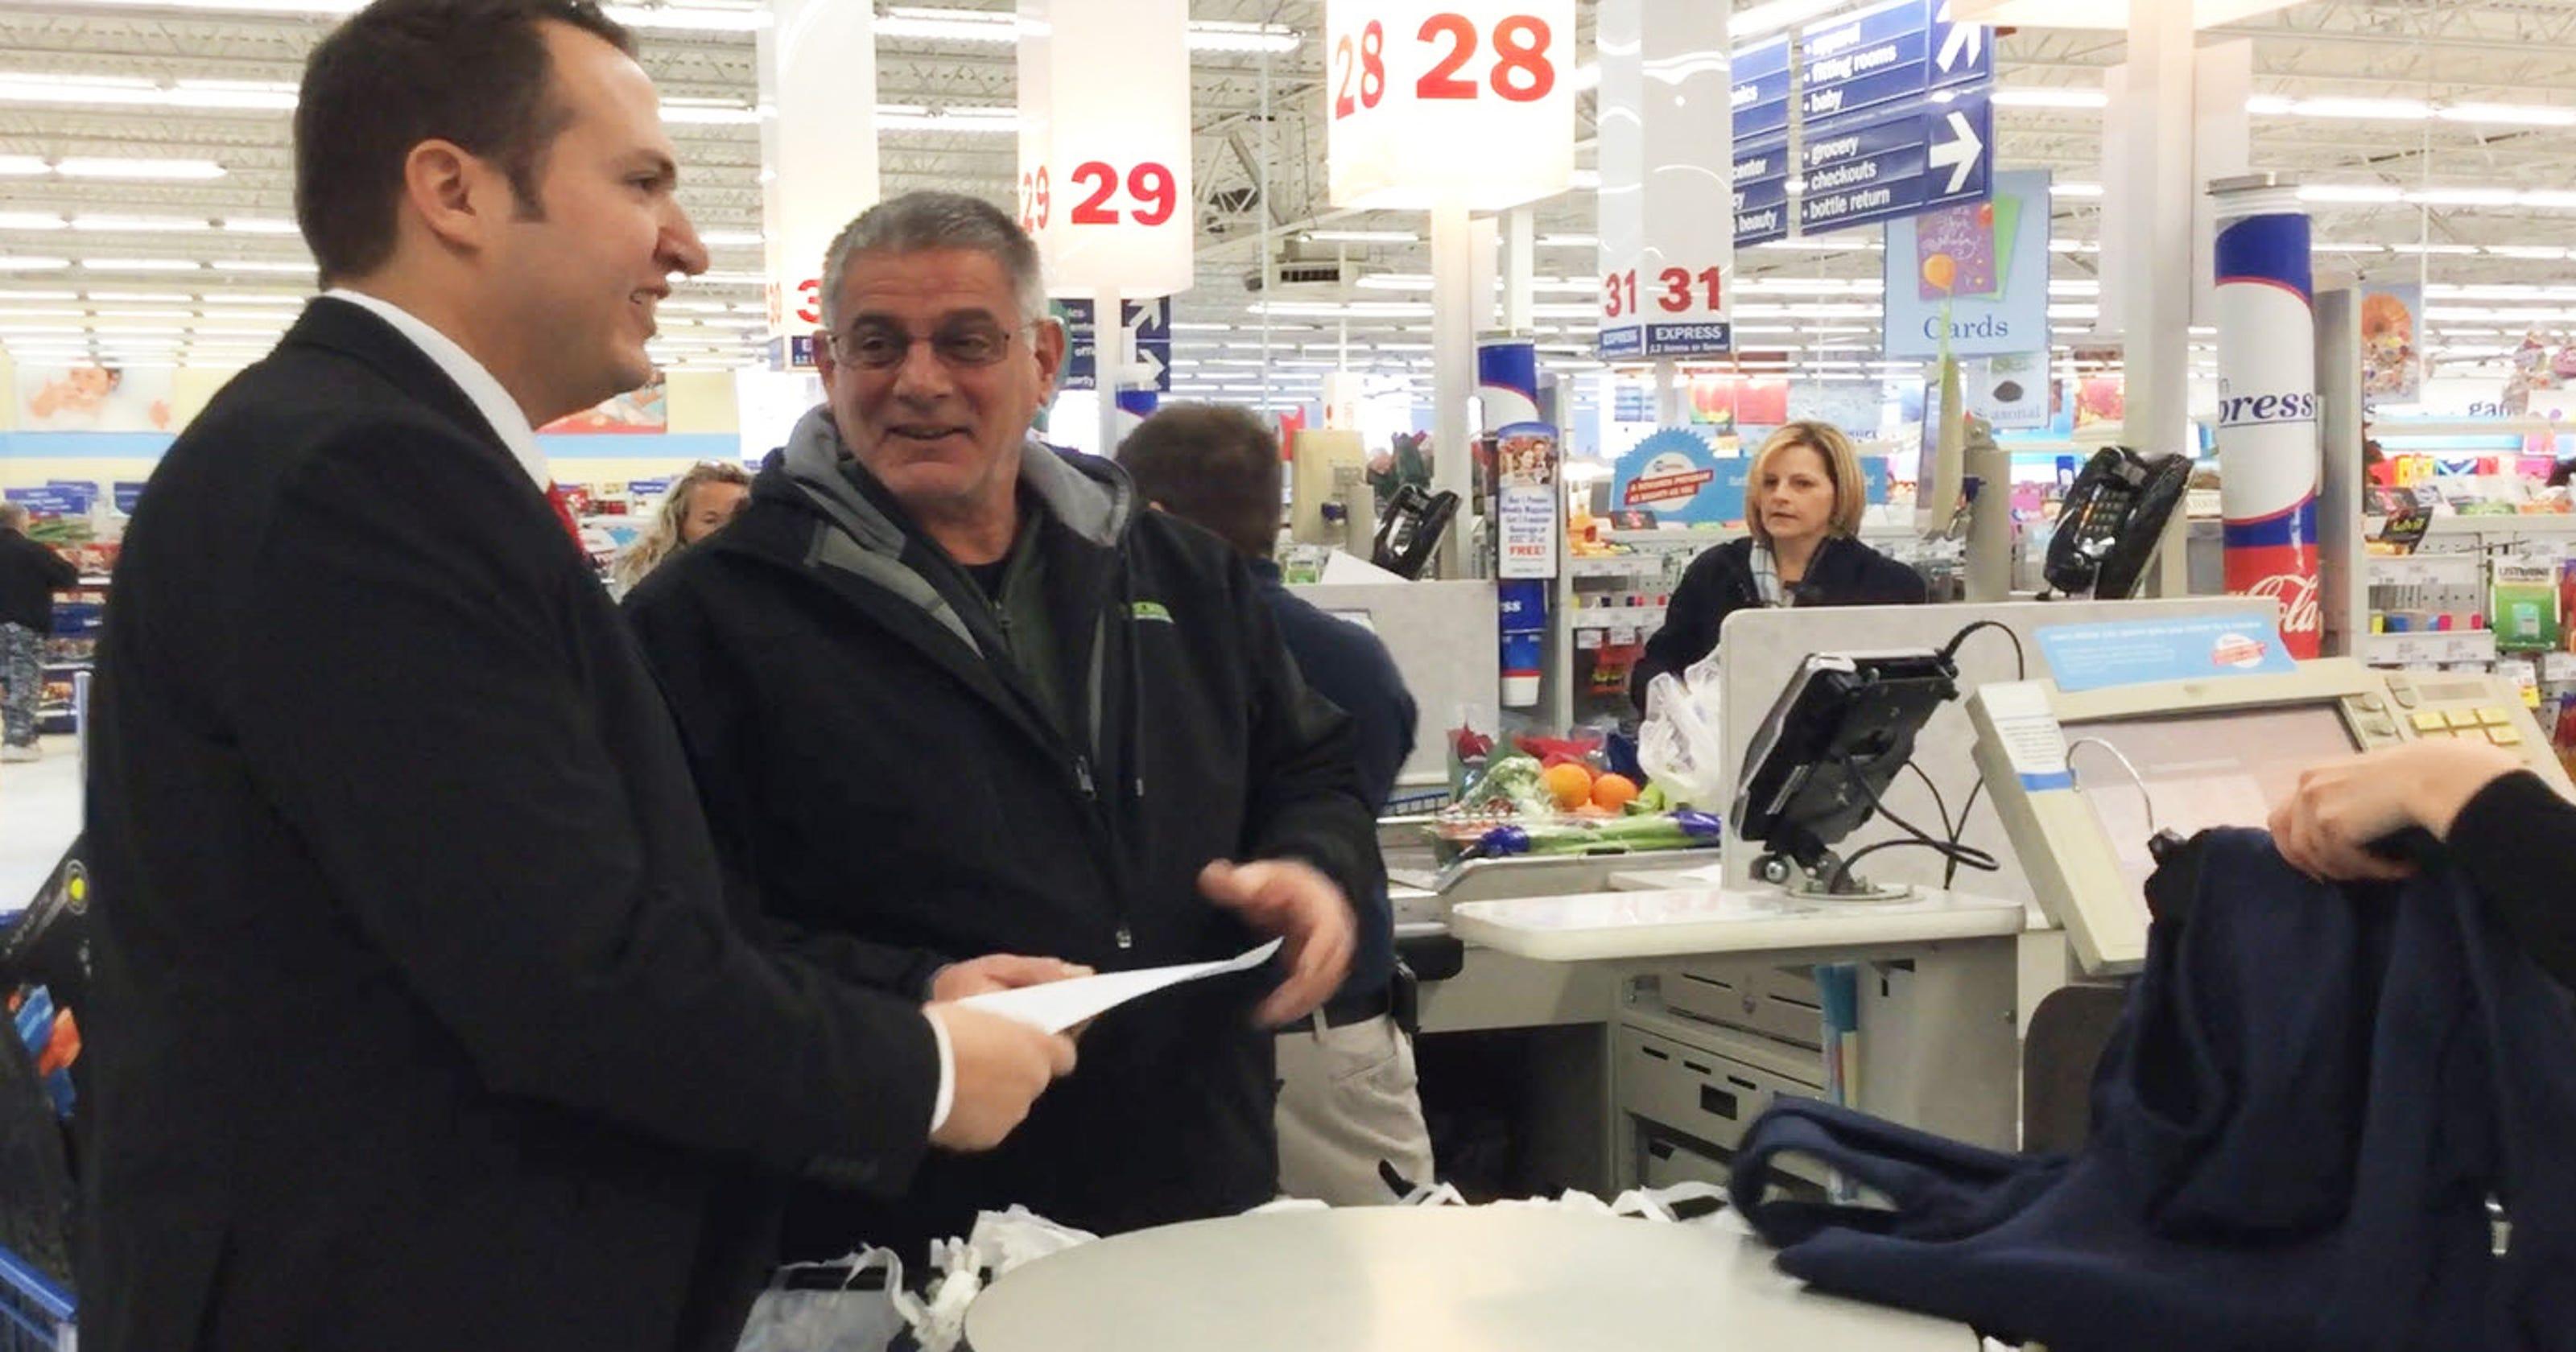 Putnam: Meijer surprise gets Grand Ledge man into holiday spirit